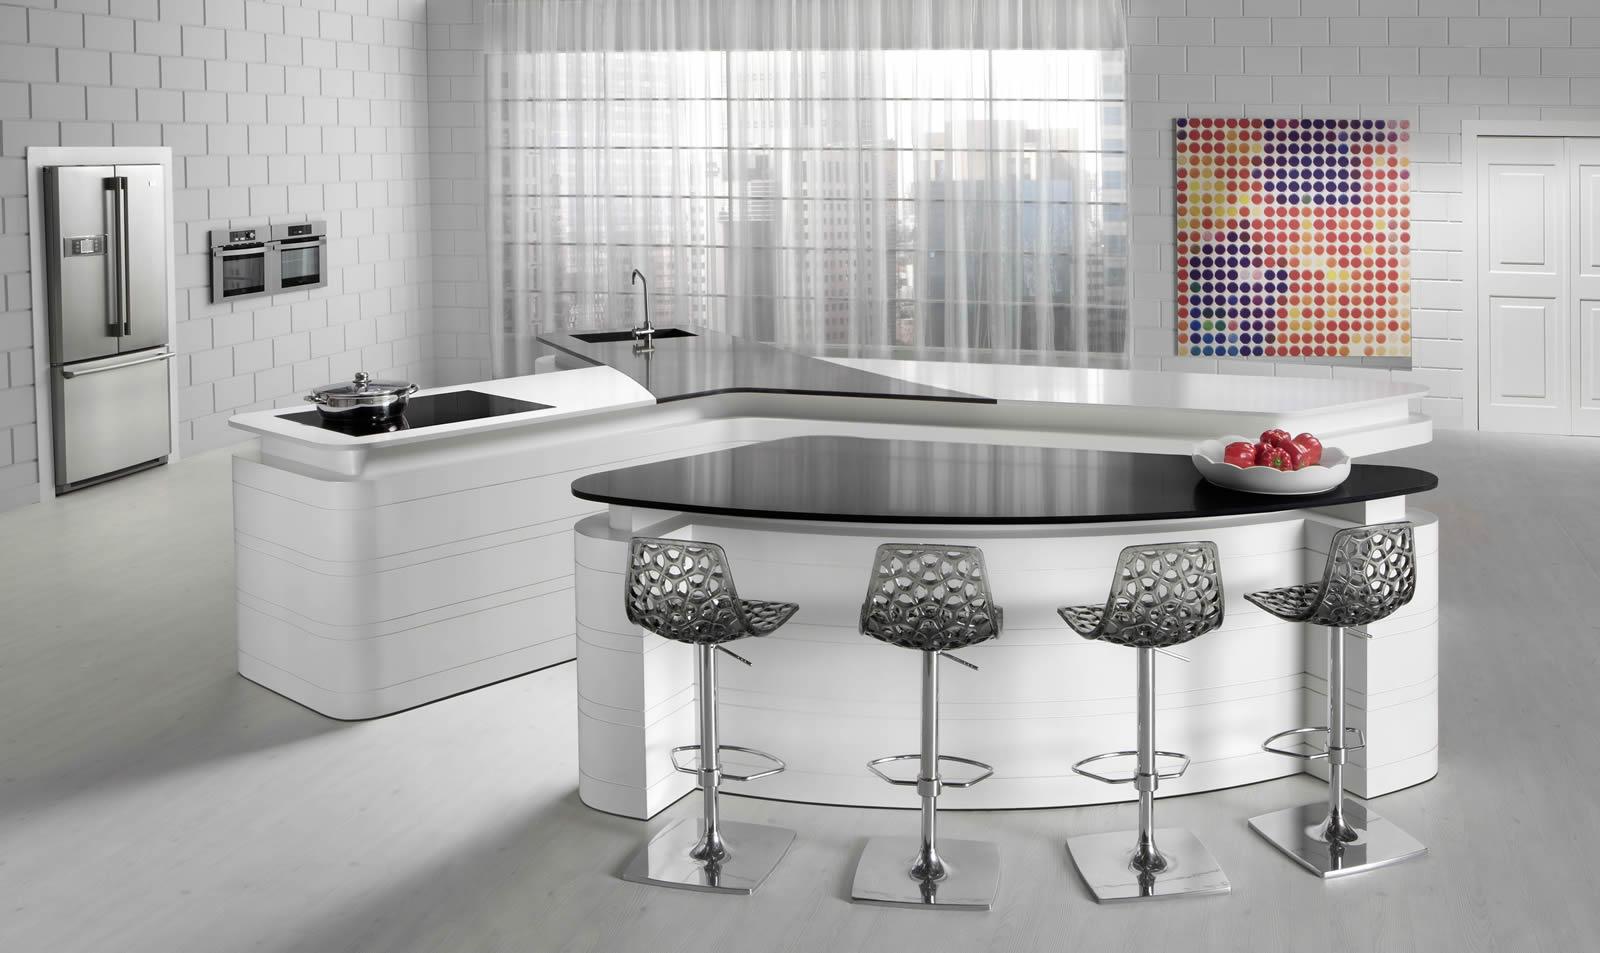 caesarstone arbeitsplatten sch nheit mit caesarstone arbeitsplatten. Black Bedroom Furniture Sets. Home Design Ideas